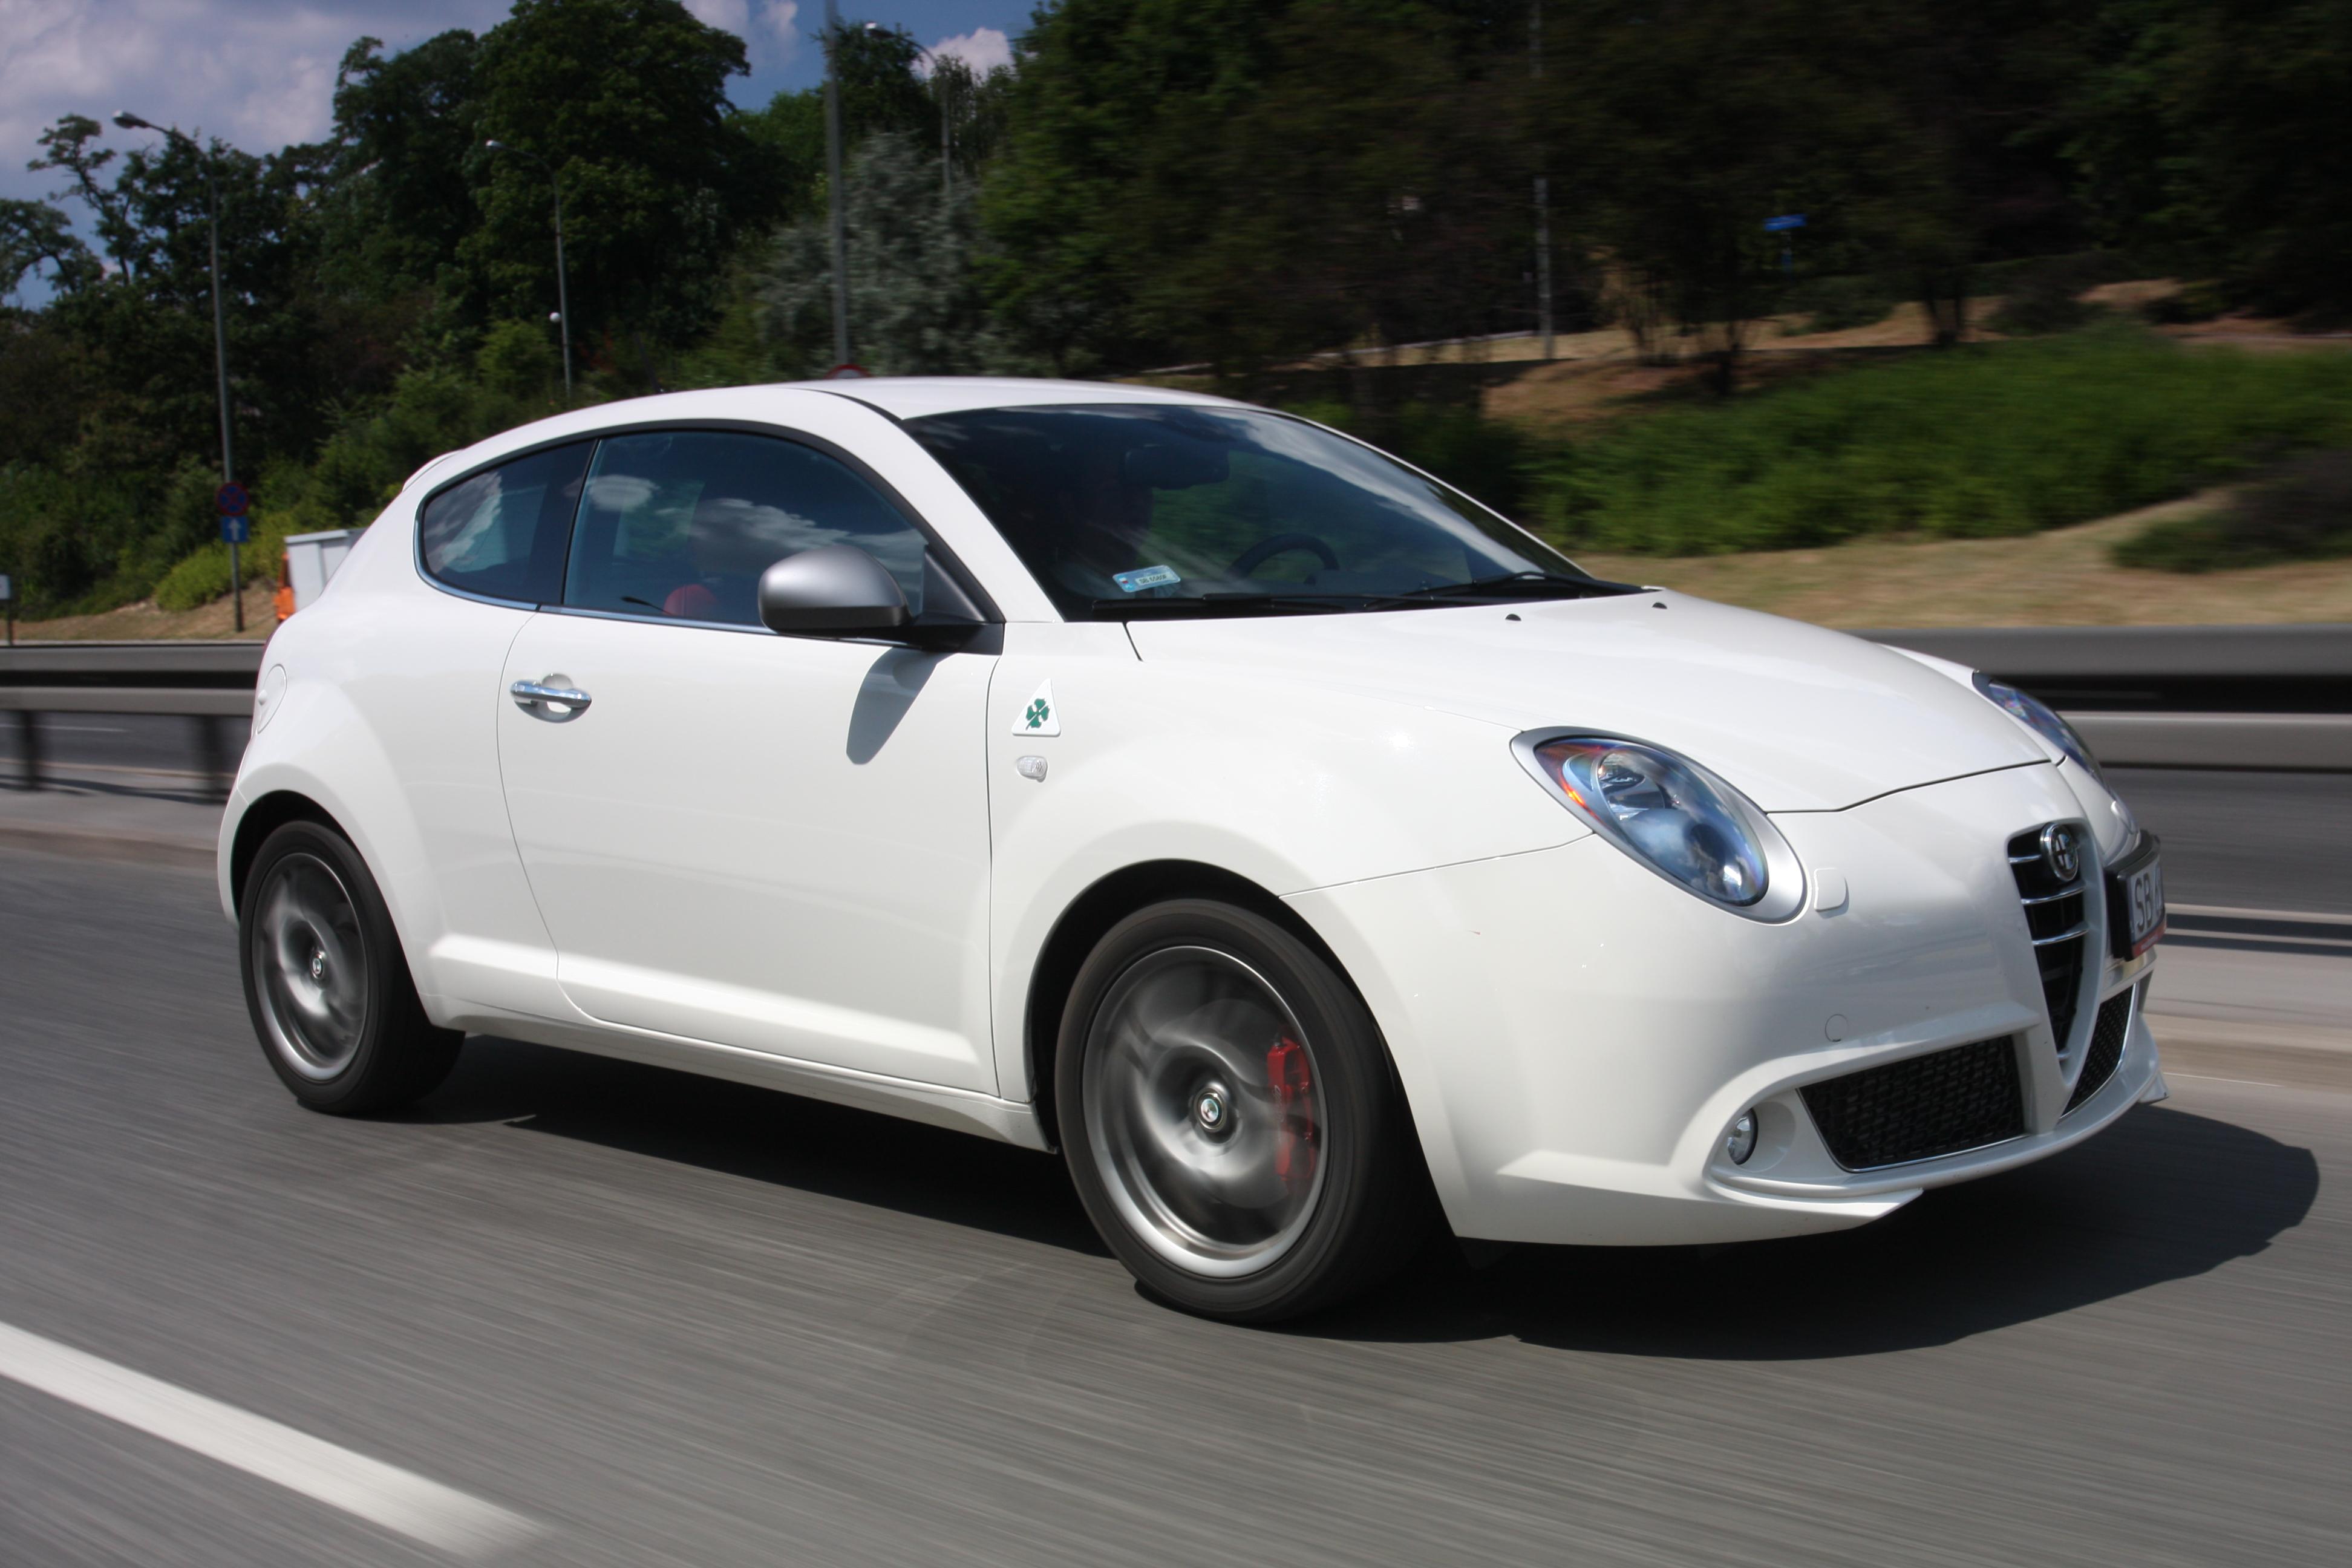 Alfa Romeo Mito Testy I Recenzje Zdjęcia Opinie Dane